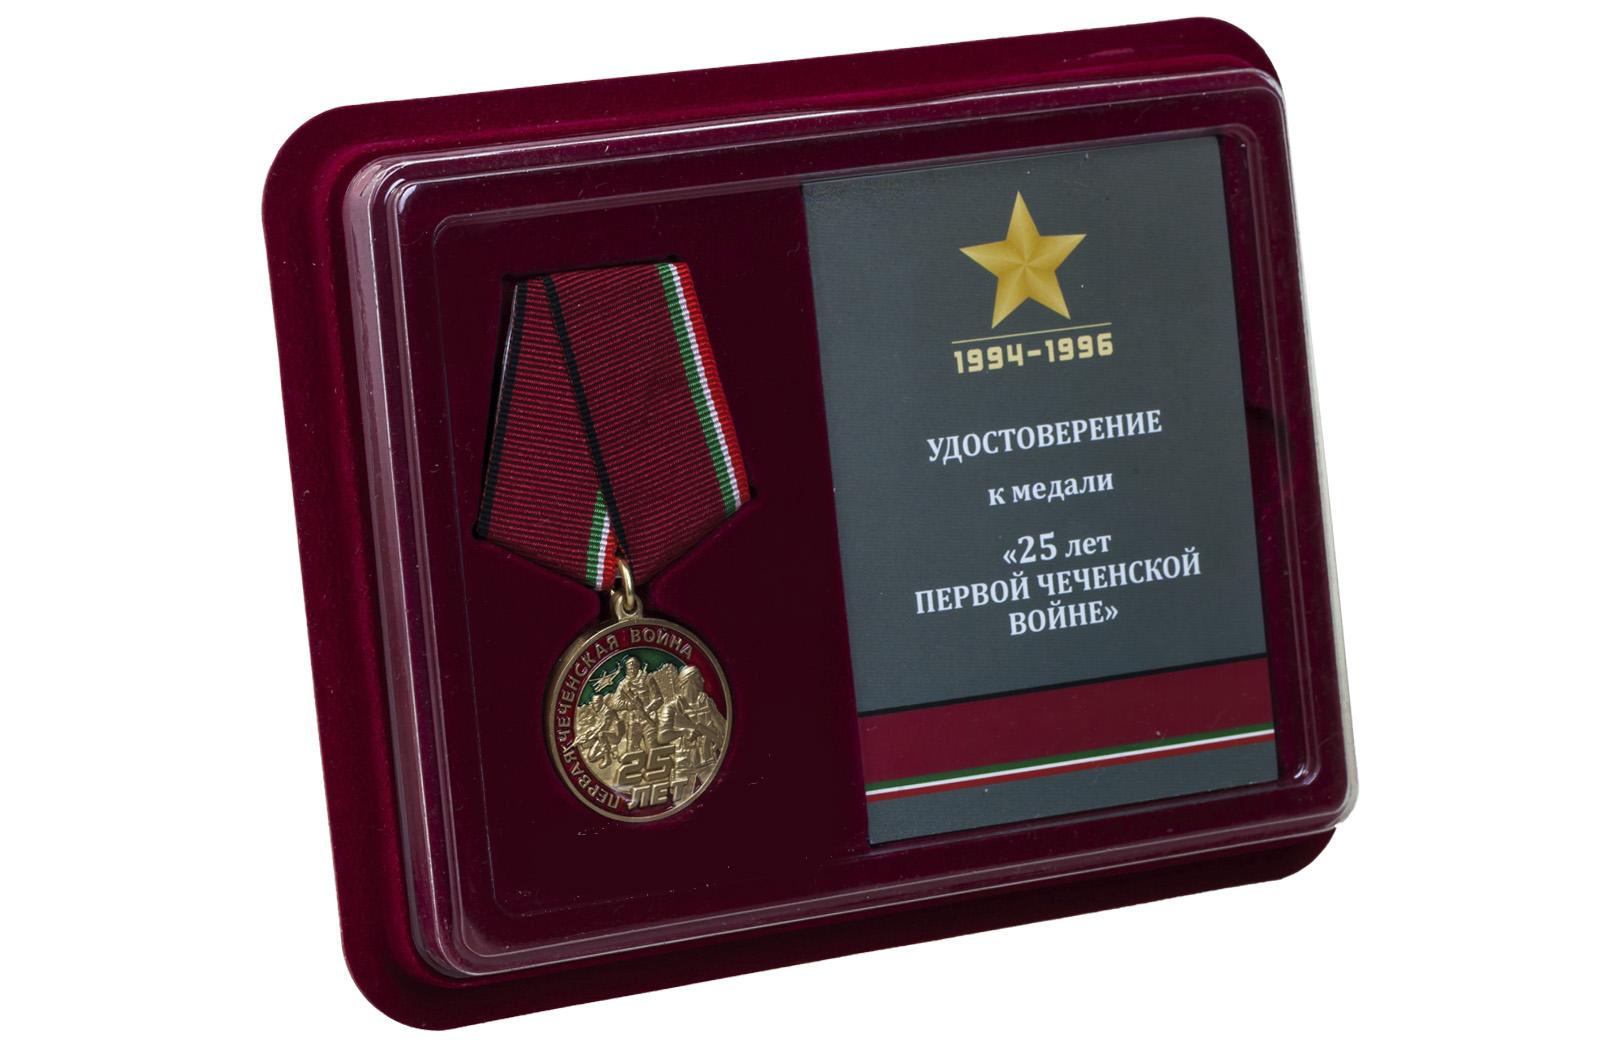 Купить юбилейную медаль 25 лет Первой Чеченской войны в подарок мужчине